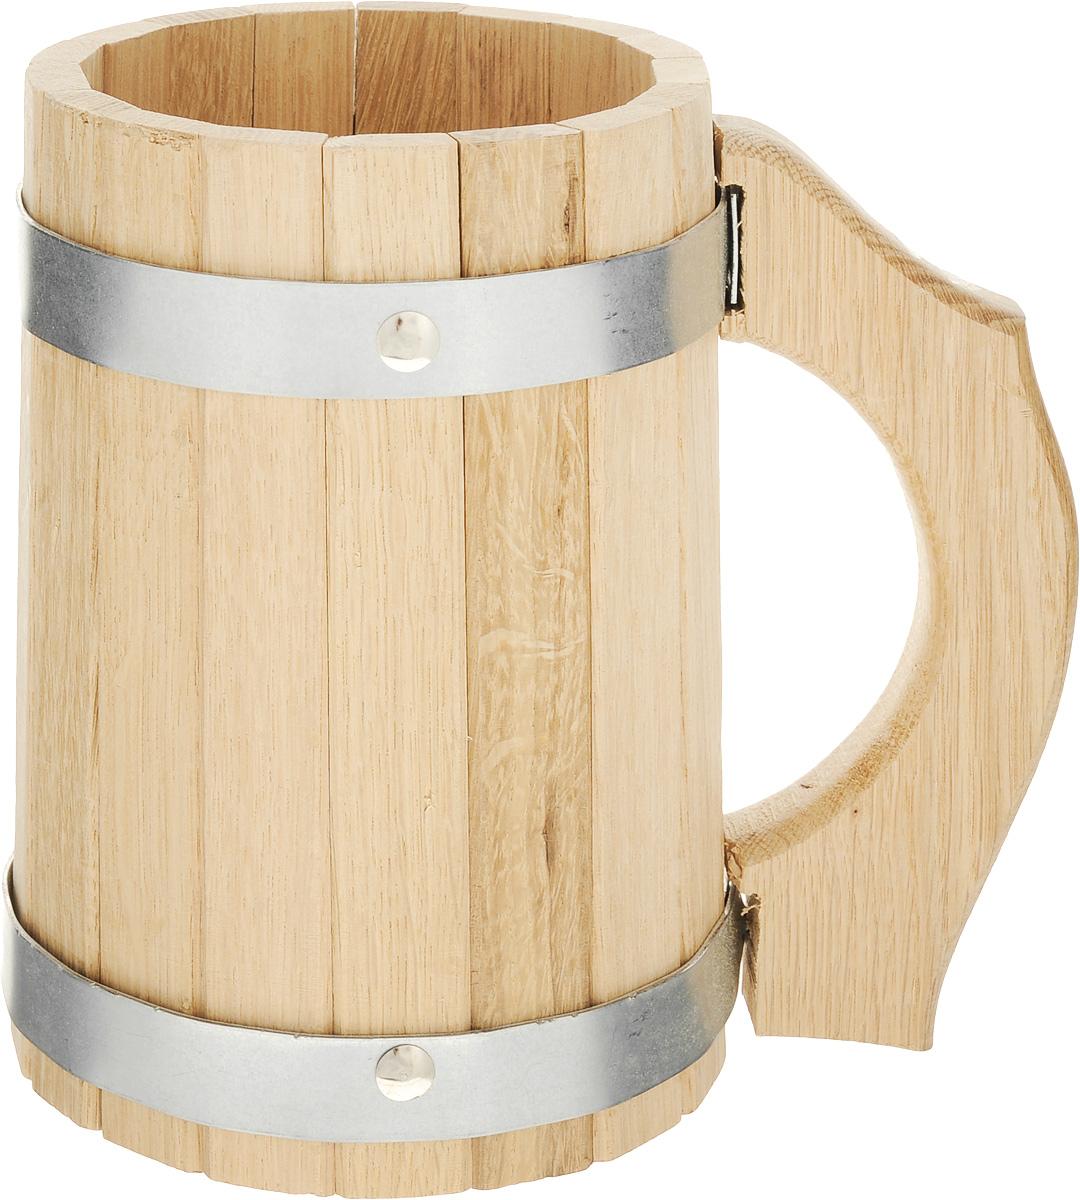 Кружка для бани и сауны Proffi Sauna, 2 лPS0051Кружка Proffi Sauna выполнена из натурального дуба с двумя металлическими обручами и резной ручкой. Она просто незаменима для подачи напитков, приготовления отваров из трав и ароматических масел, также подходит для декора или в качестве сувенира. Эксплуатация бондарных изделий. Перед первым использованием бондарное изделие рекомендуется подготовить. Для этого нужно наполнить изделие холодной водой и оставить наполненным на 2-3 часа. Затем необходимо воду слить, обдать изделие сначала горячей, потом холодной водой. Не рекомендуется оставлять бондарные изделия около нагревательных приборов, а также под длительным воздействием прямых солнечных лучей. С момента начала использования бондарного изделия не рекомендуется оставлять его без воды на срок более 1 недели. Но и продолжительное время хранить в таких изделиях воду тоже не следует. После каждого использования необходимо вымыть и ошпарить изделие кипятком. В качестве моющих средств желательно использовать...